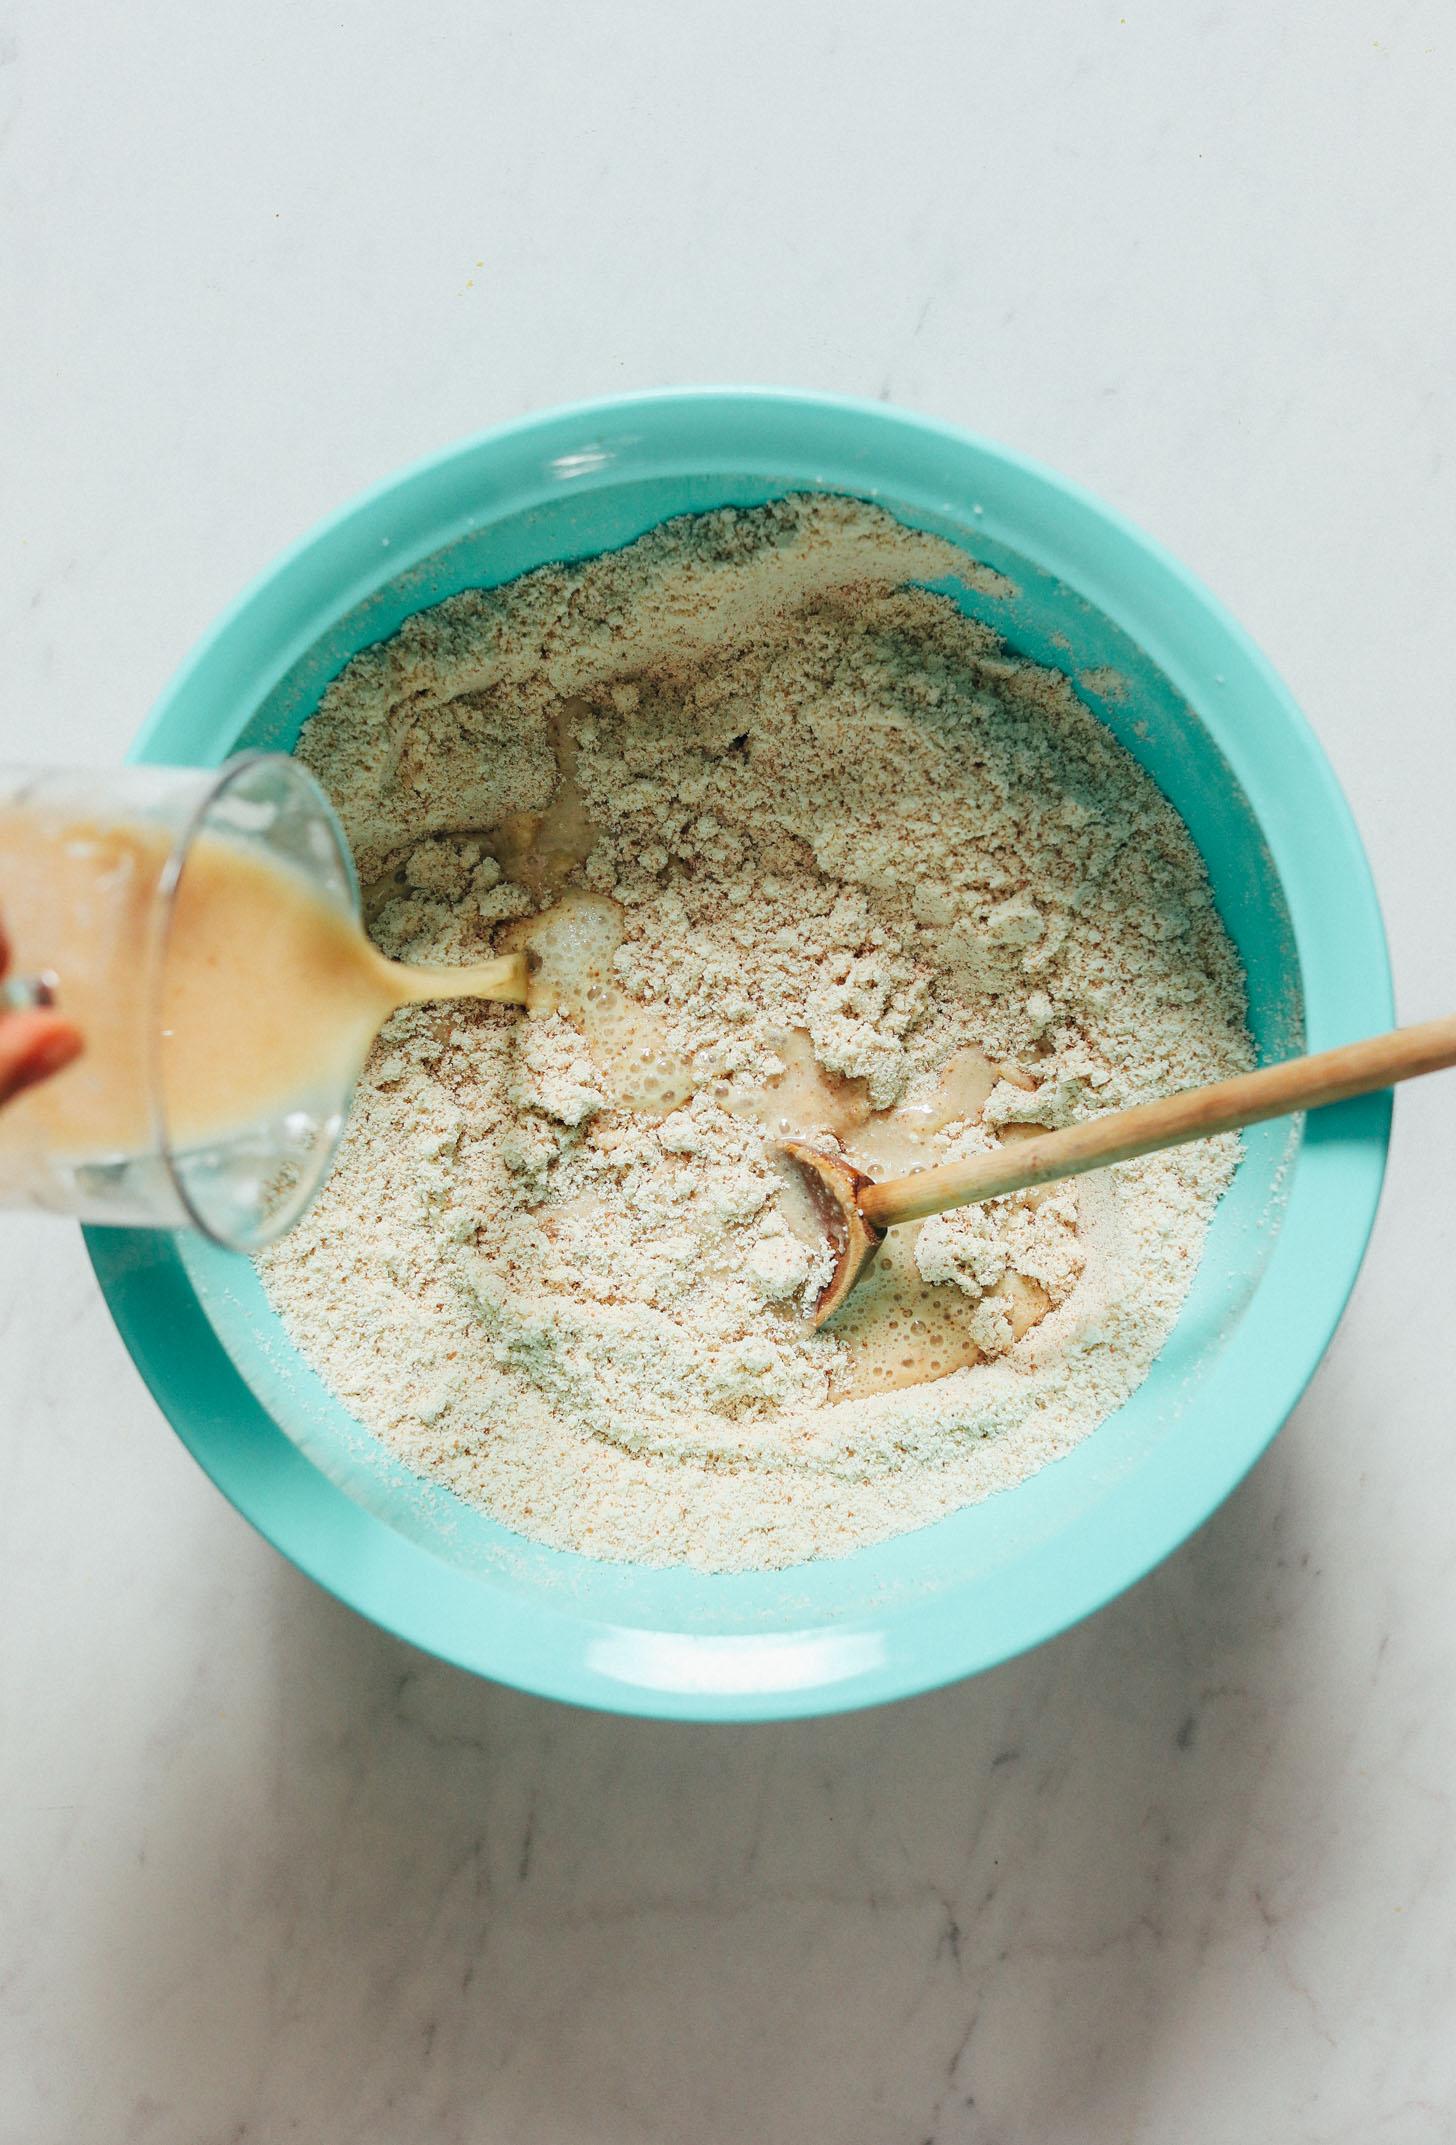 Derramar ingredientes úmidos em secos em uma tigela